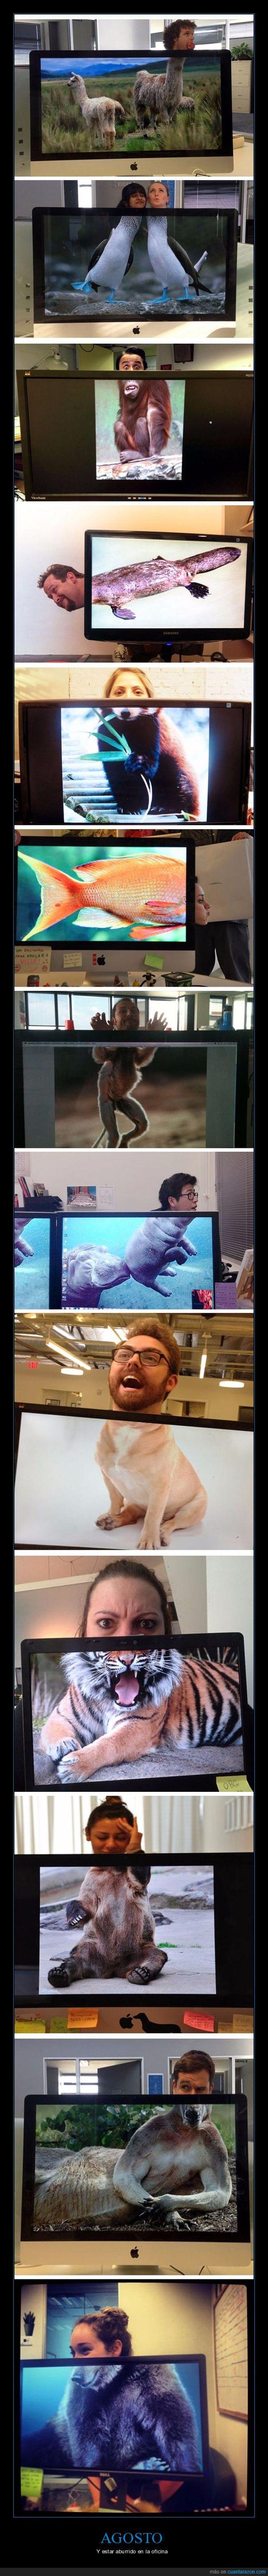 animales,cabezas,oficina,pantallas